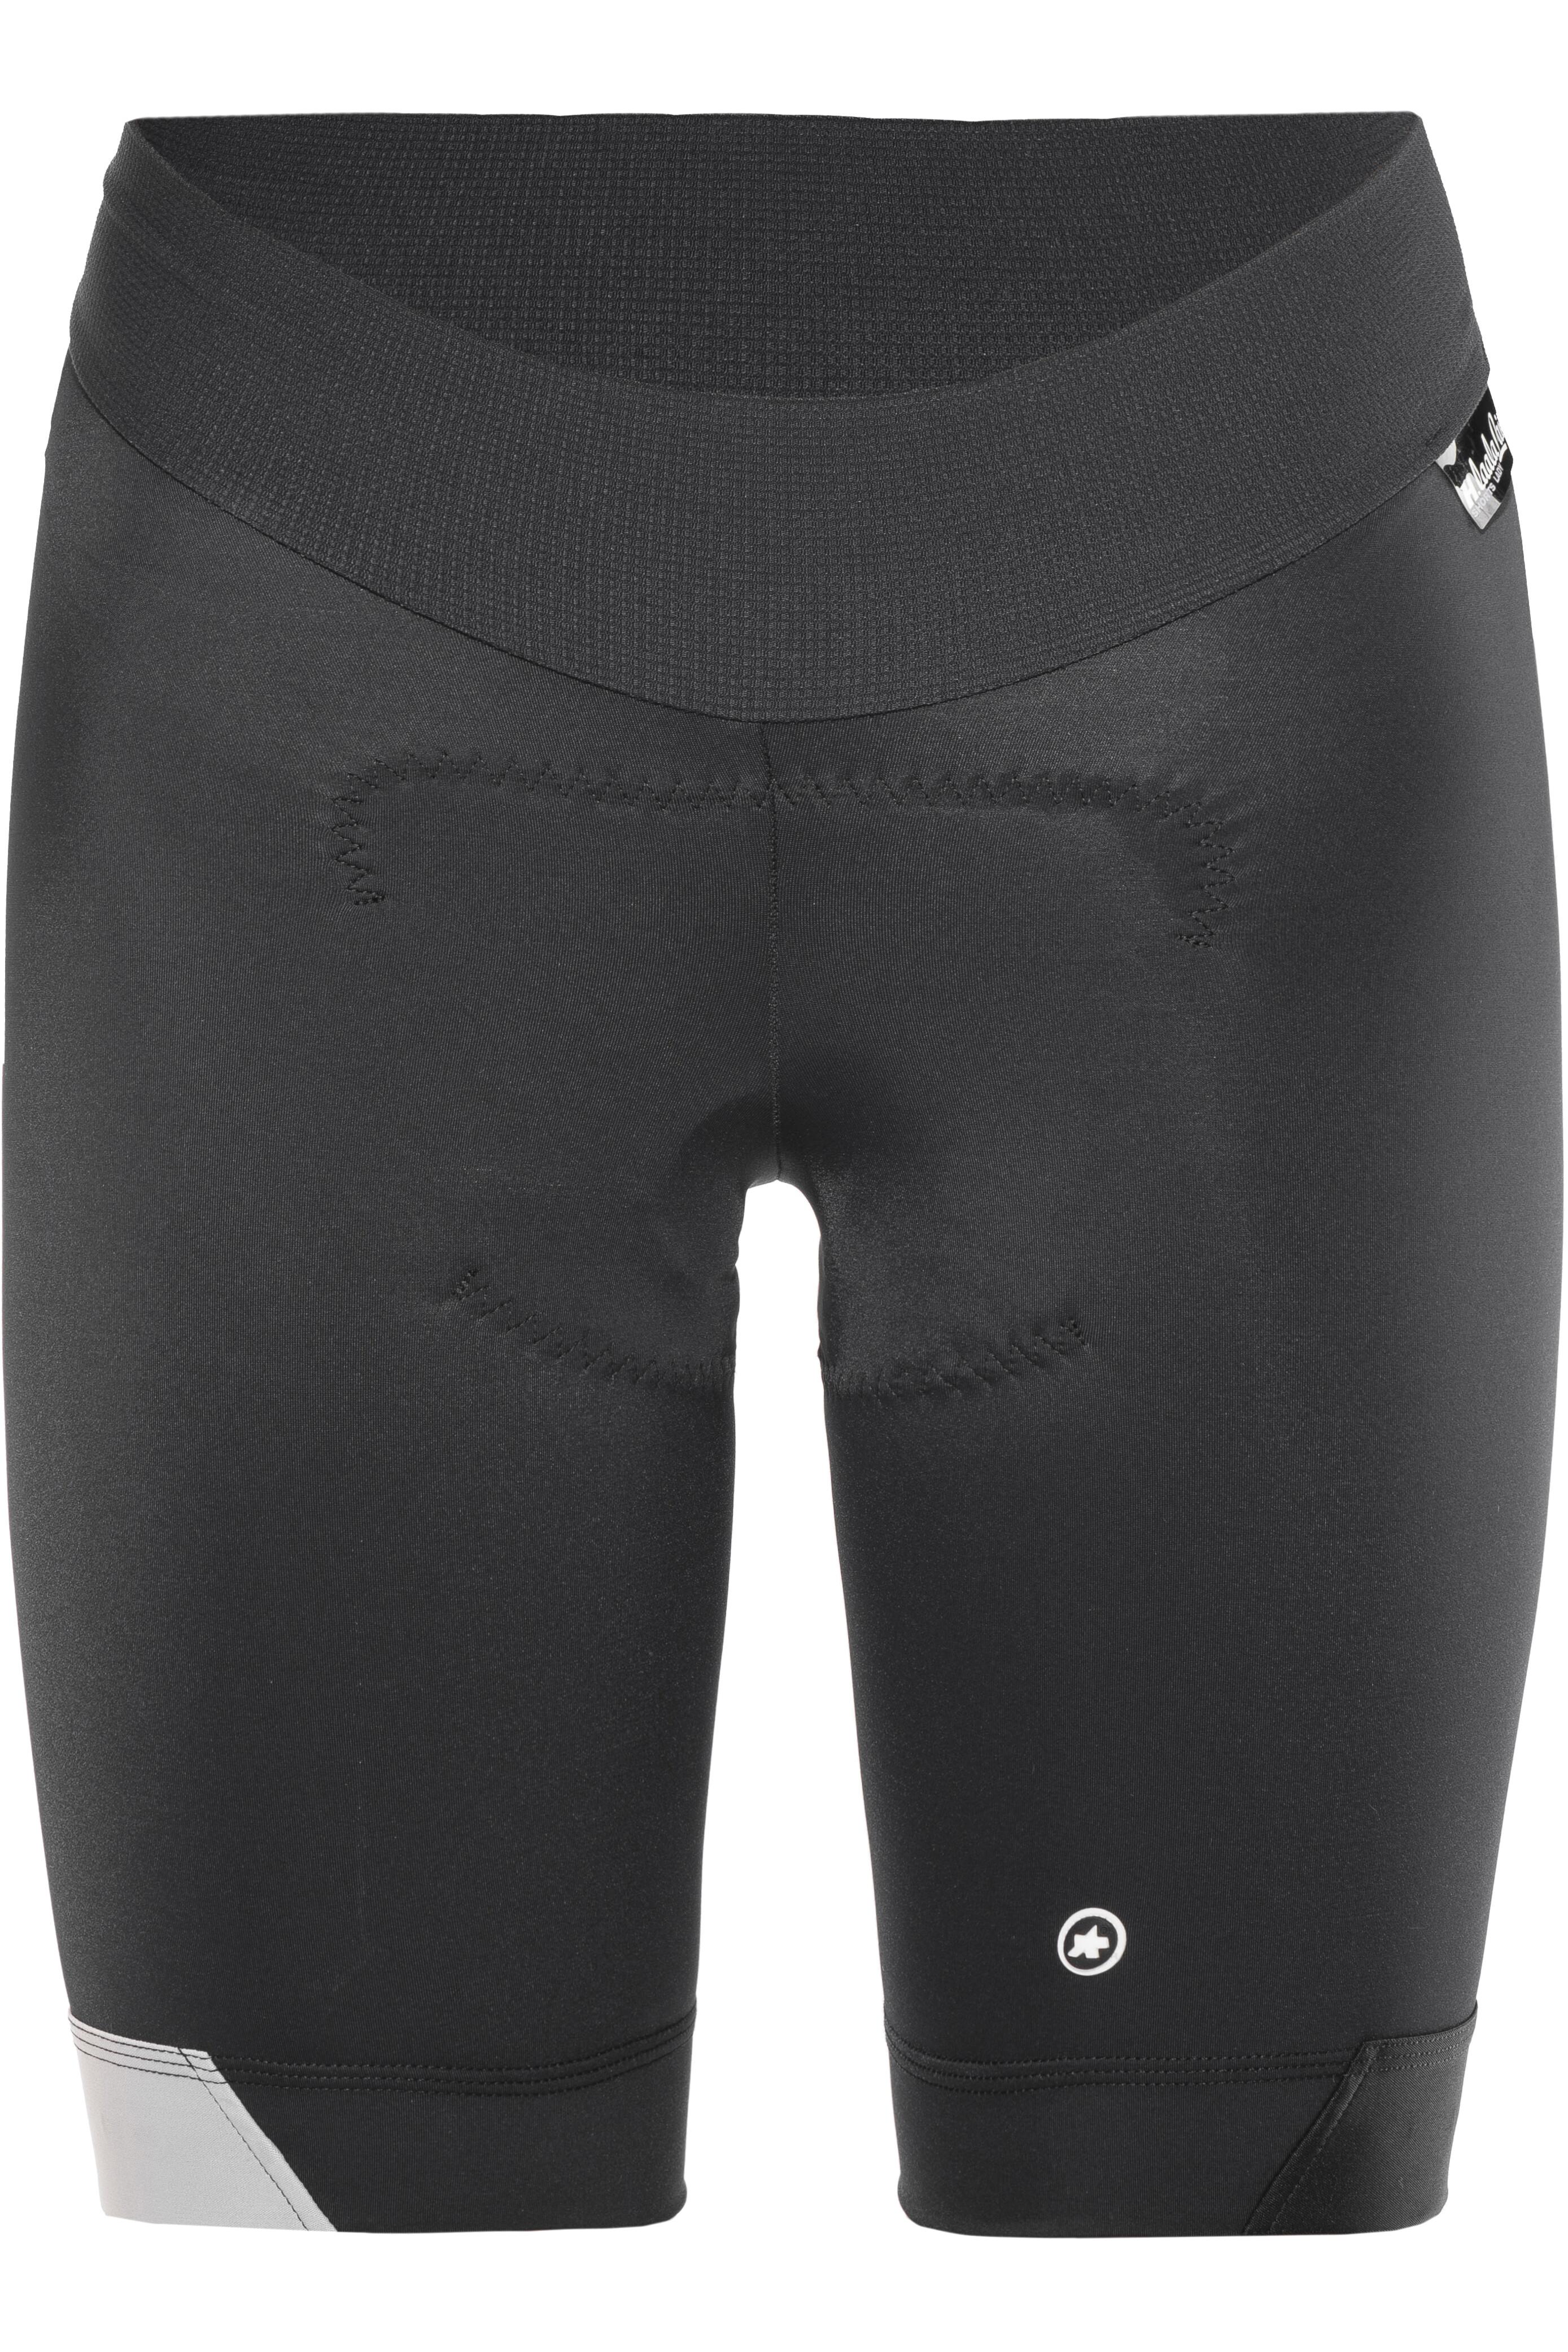 assos H.LAALALAISHORTS S7 - Bas de cyclisme - noir argent - Boutique ... 46f6a8371365